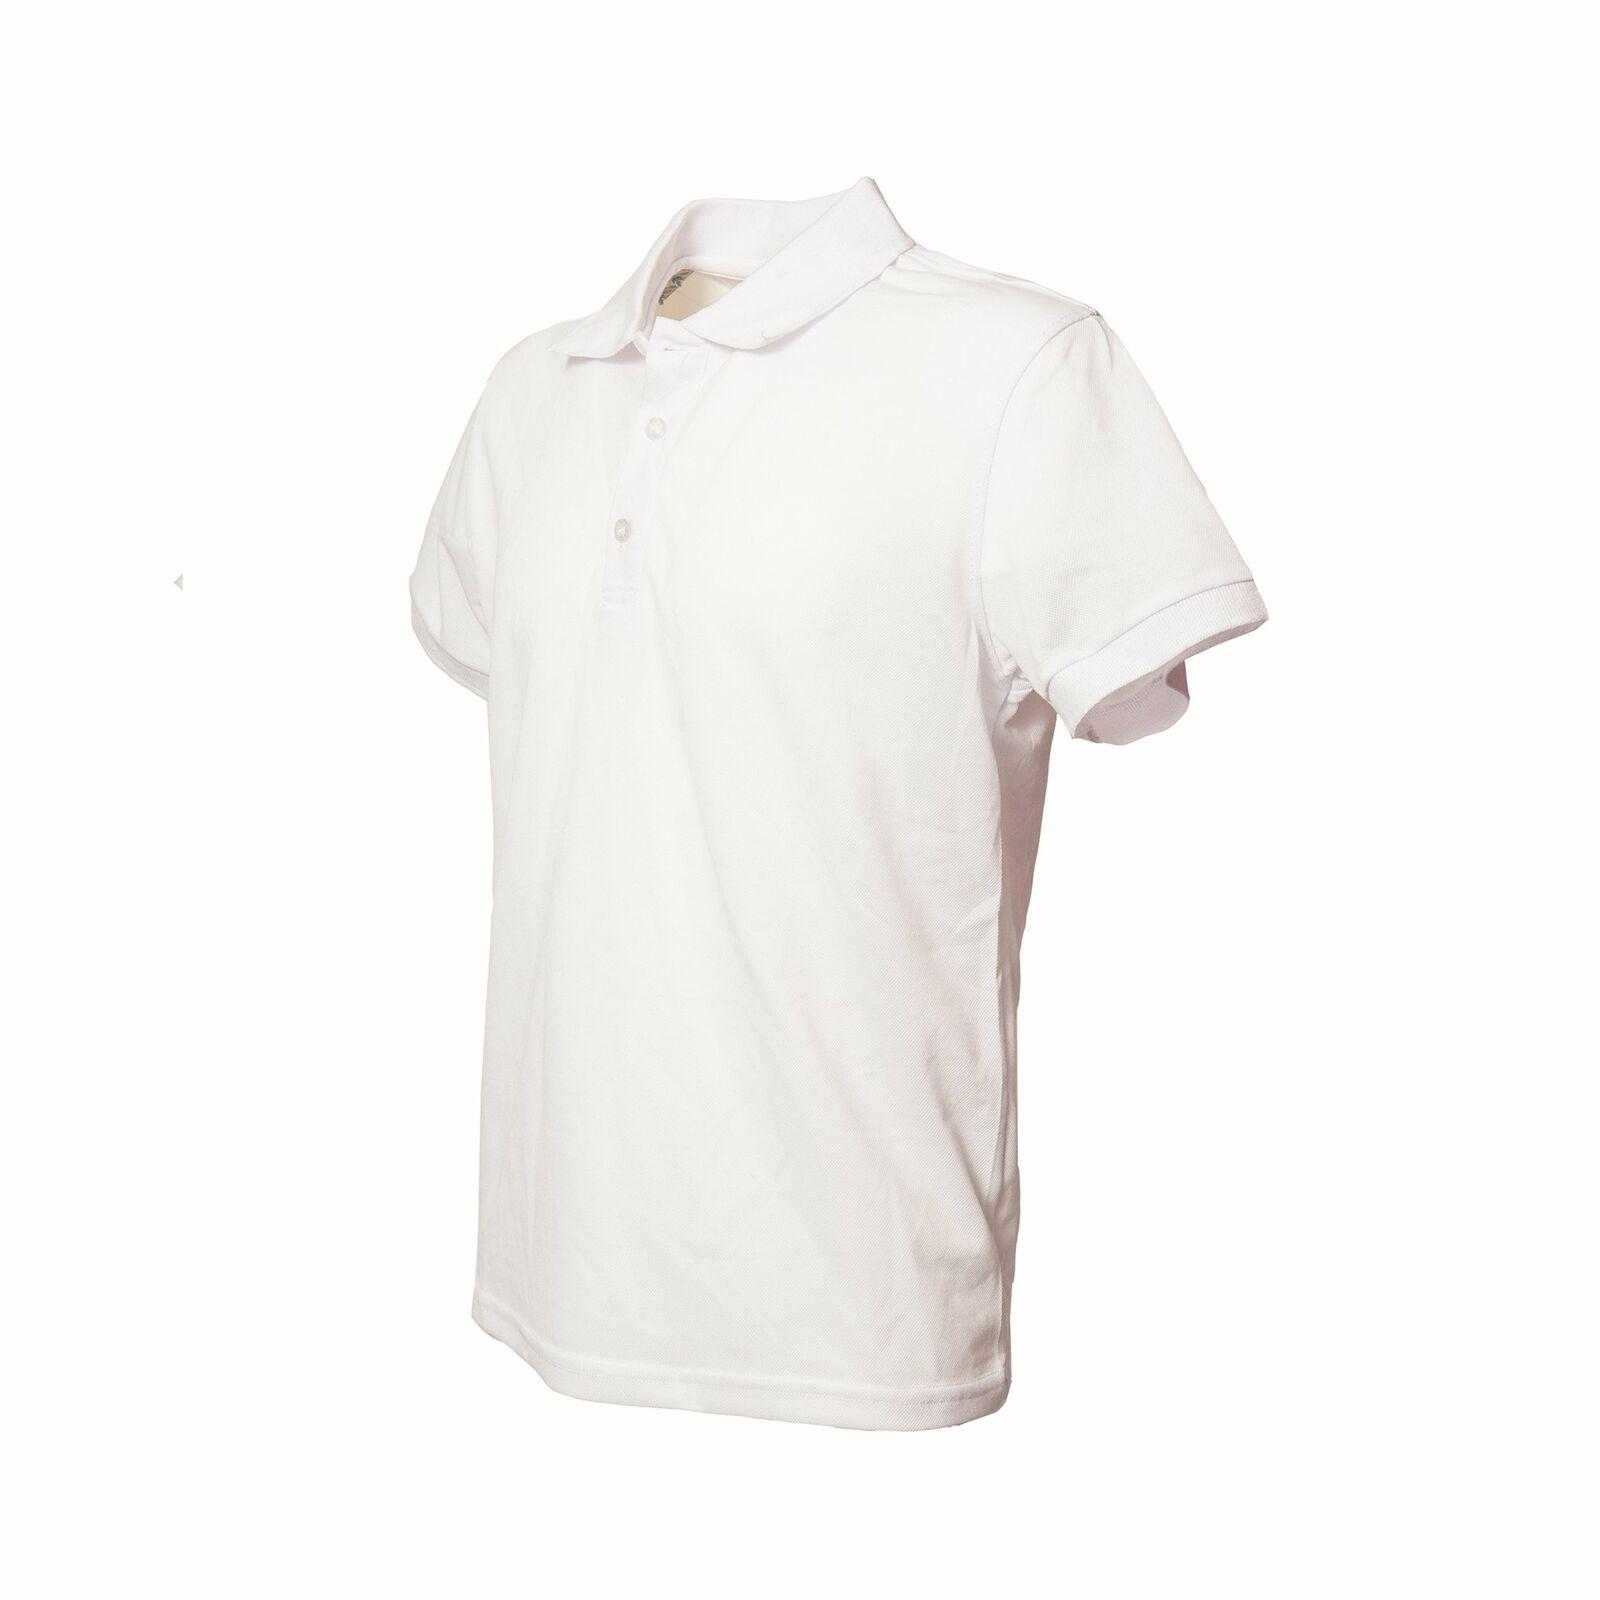 Polo-Uomo-Manica-Corta-Cotone-Maglia-Maglietta-Casual-T-shirt miniatura 9